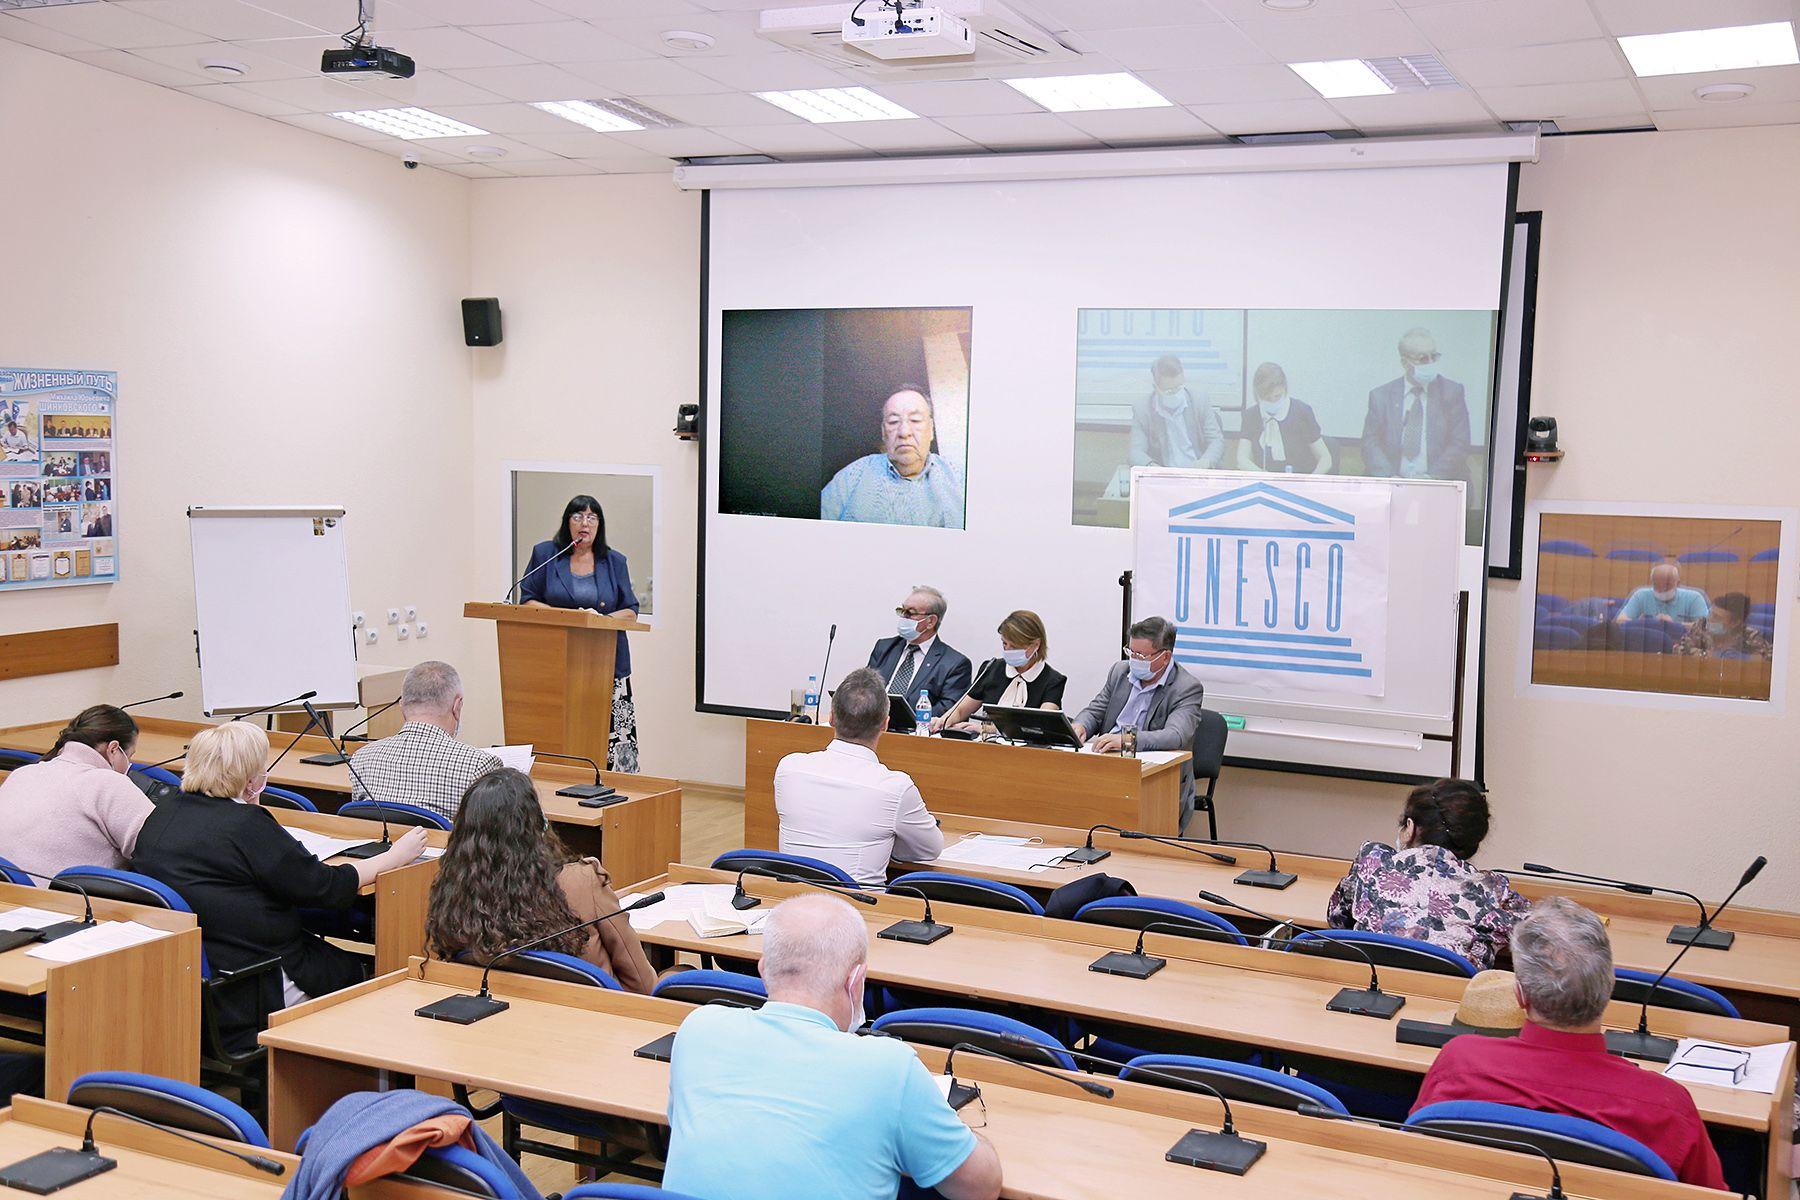 Проекты ВГУЭС получили поддержку ДВ Комитета Комиссии РФ по делам ЮНЕСКО